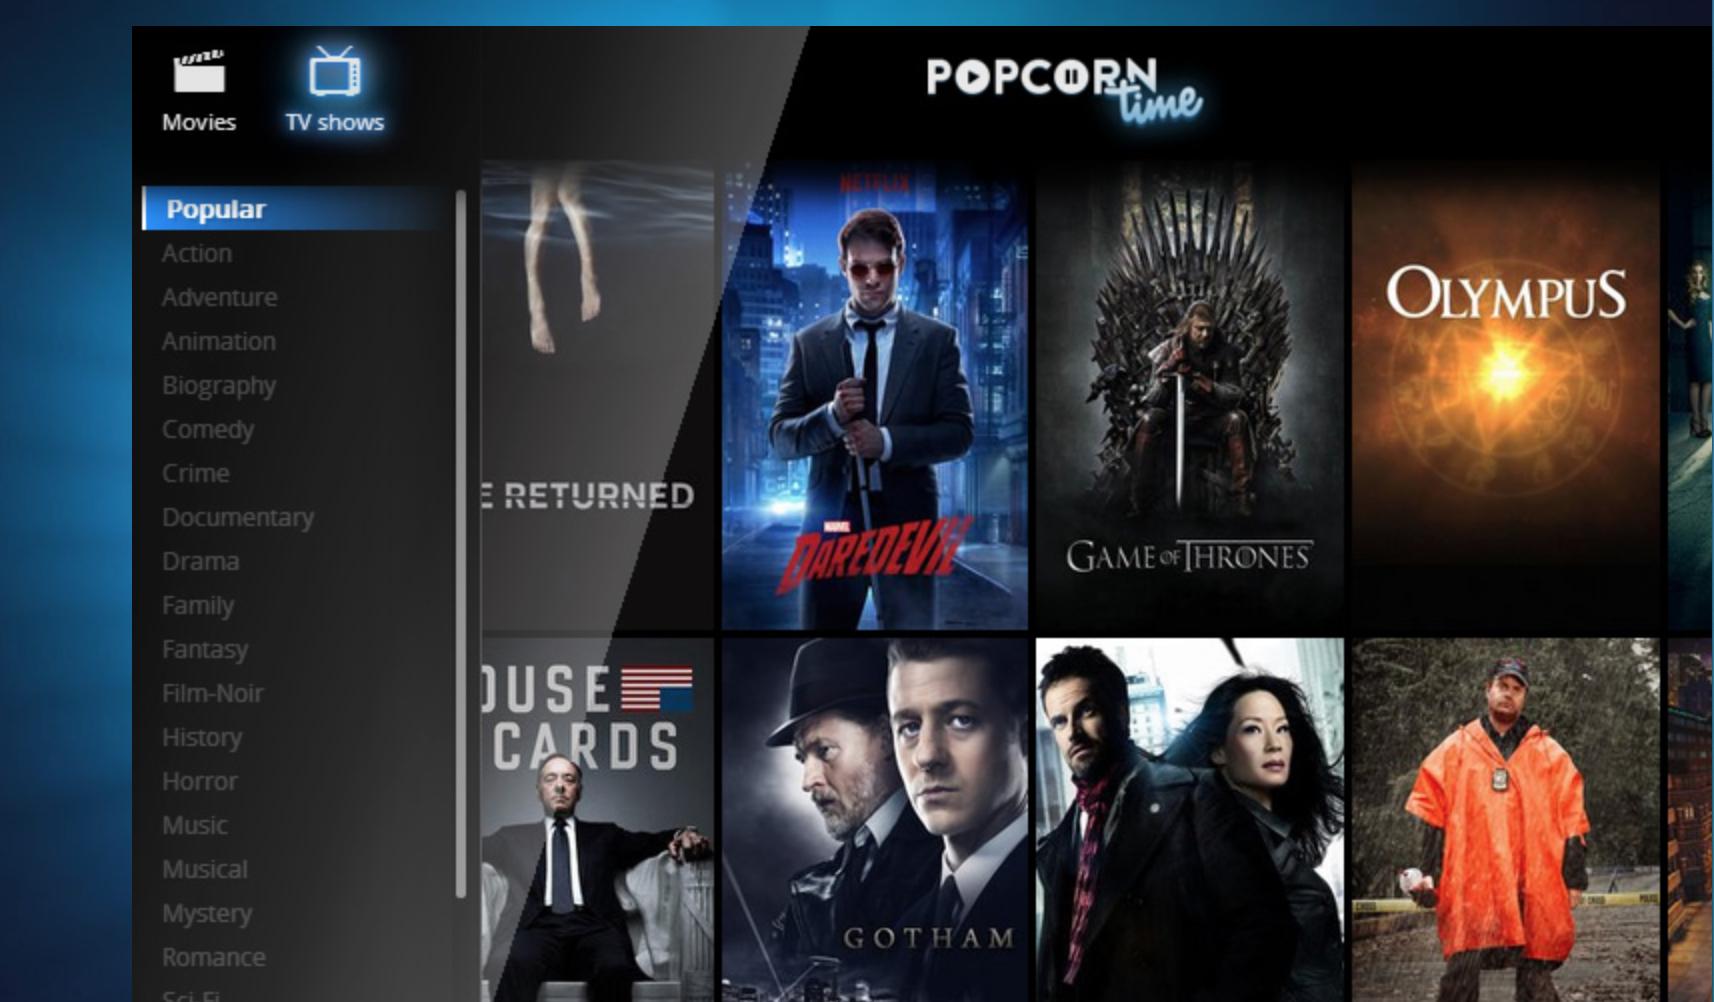 Nå trenger ikke lenger TV- og film-pirater et dedikert program for å se pirat-innhold - det holder å bruke en nettside med en torrent-utvidelse.